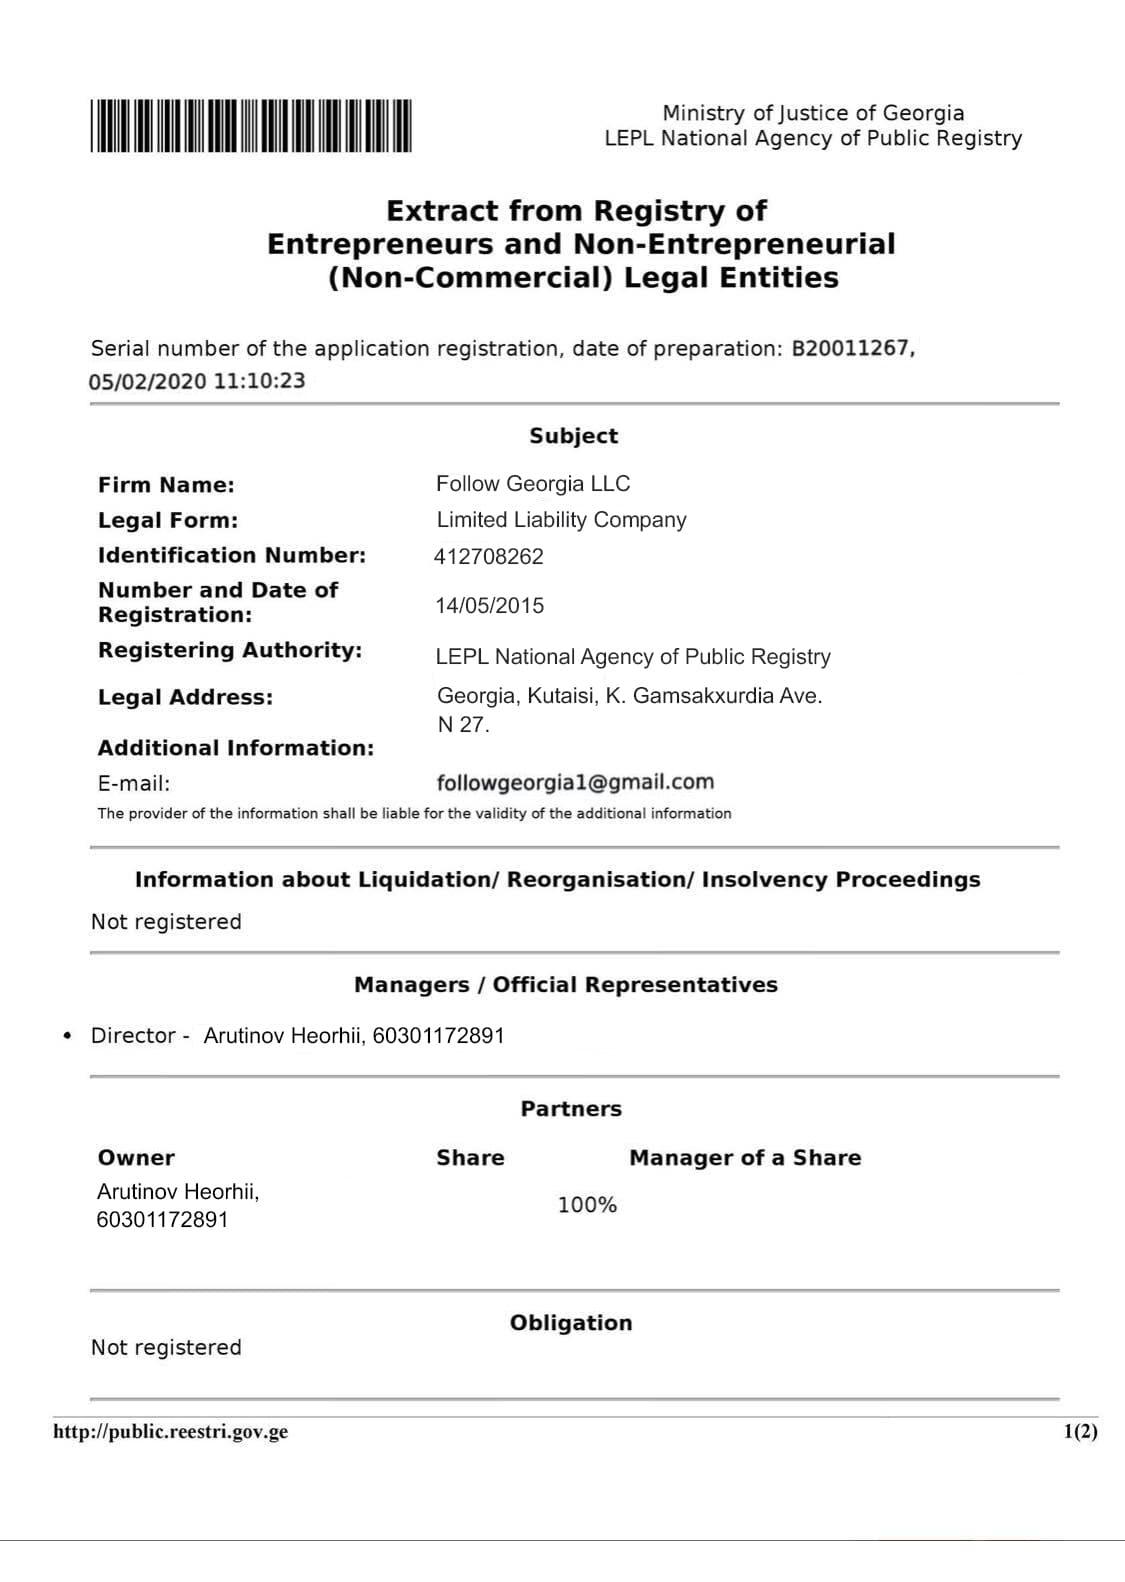 Официально зарегистрированный туроператор в Грузии. Достижение наибольших впечатлений вместе с командой followgeorgia